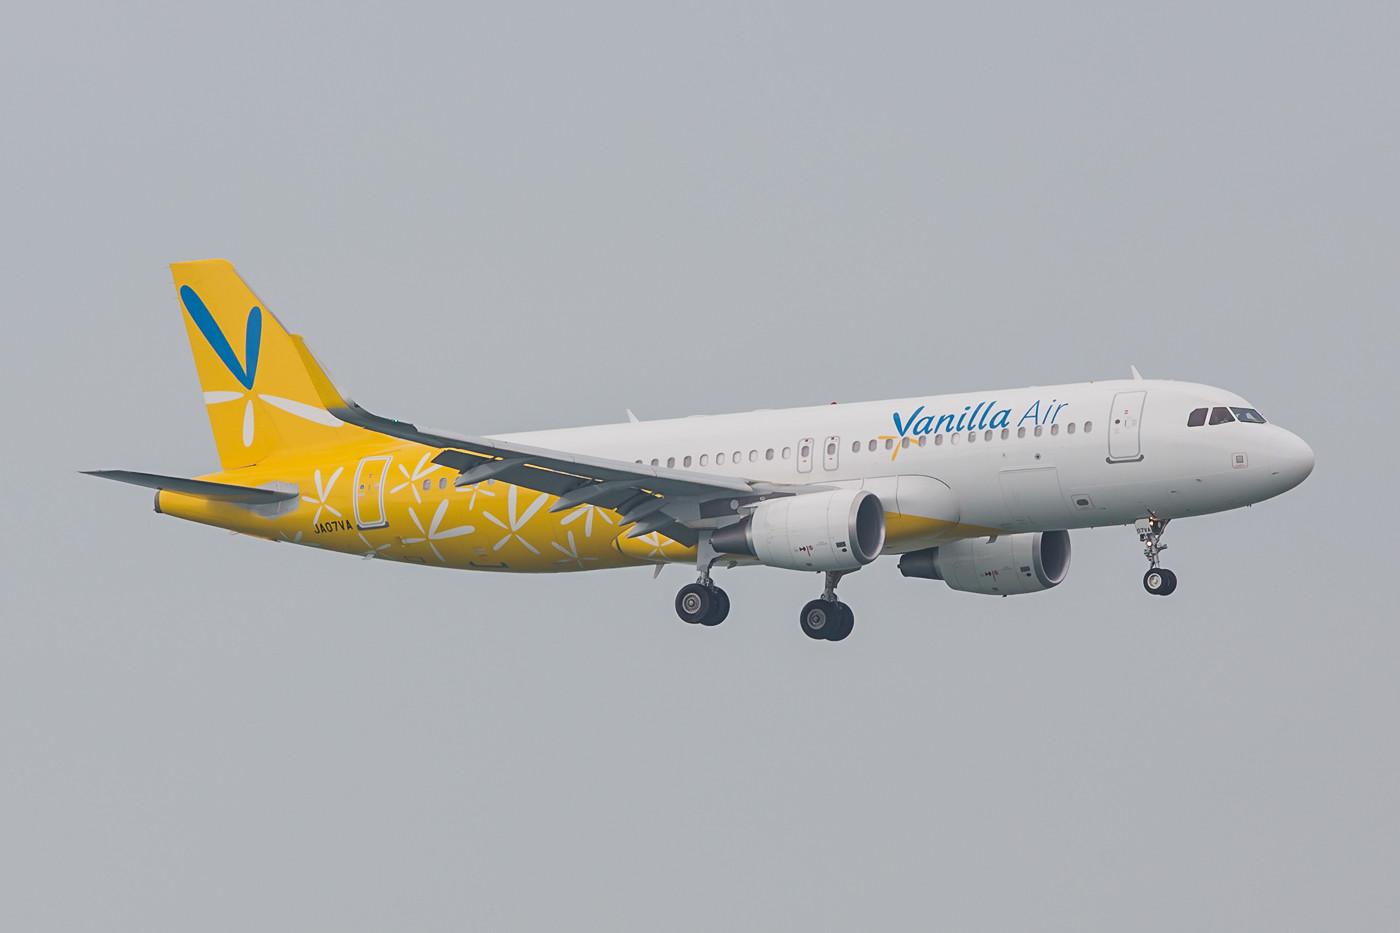 Vanilla Air ist das Ergebniss der gescheiterten Zusammenarbeit von ANA und Air Asia in Japan.